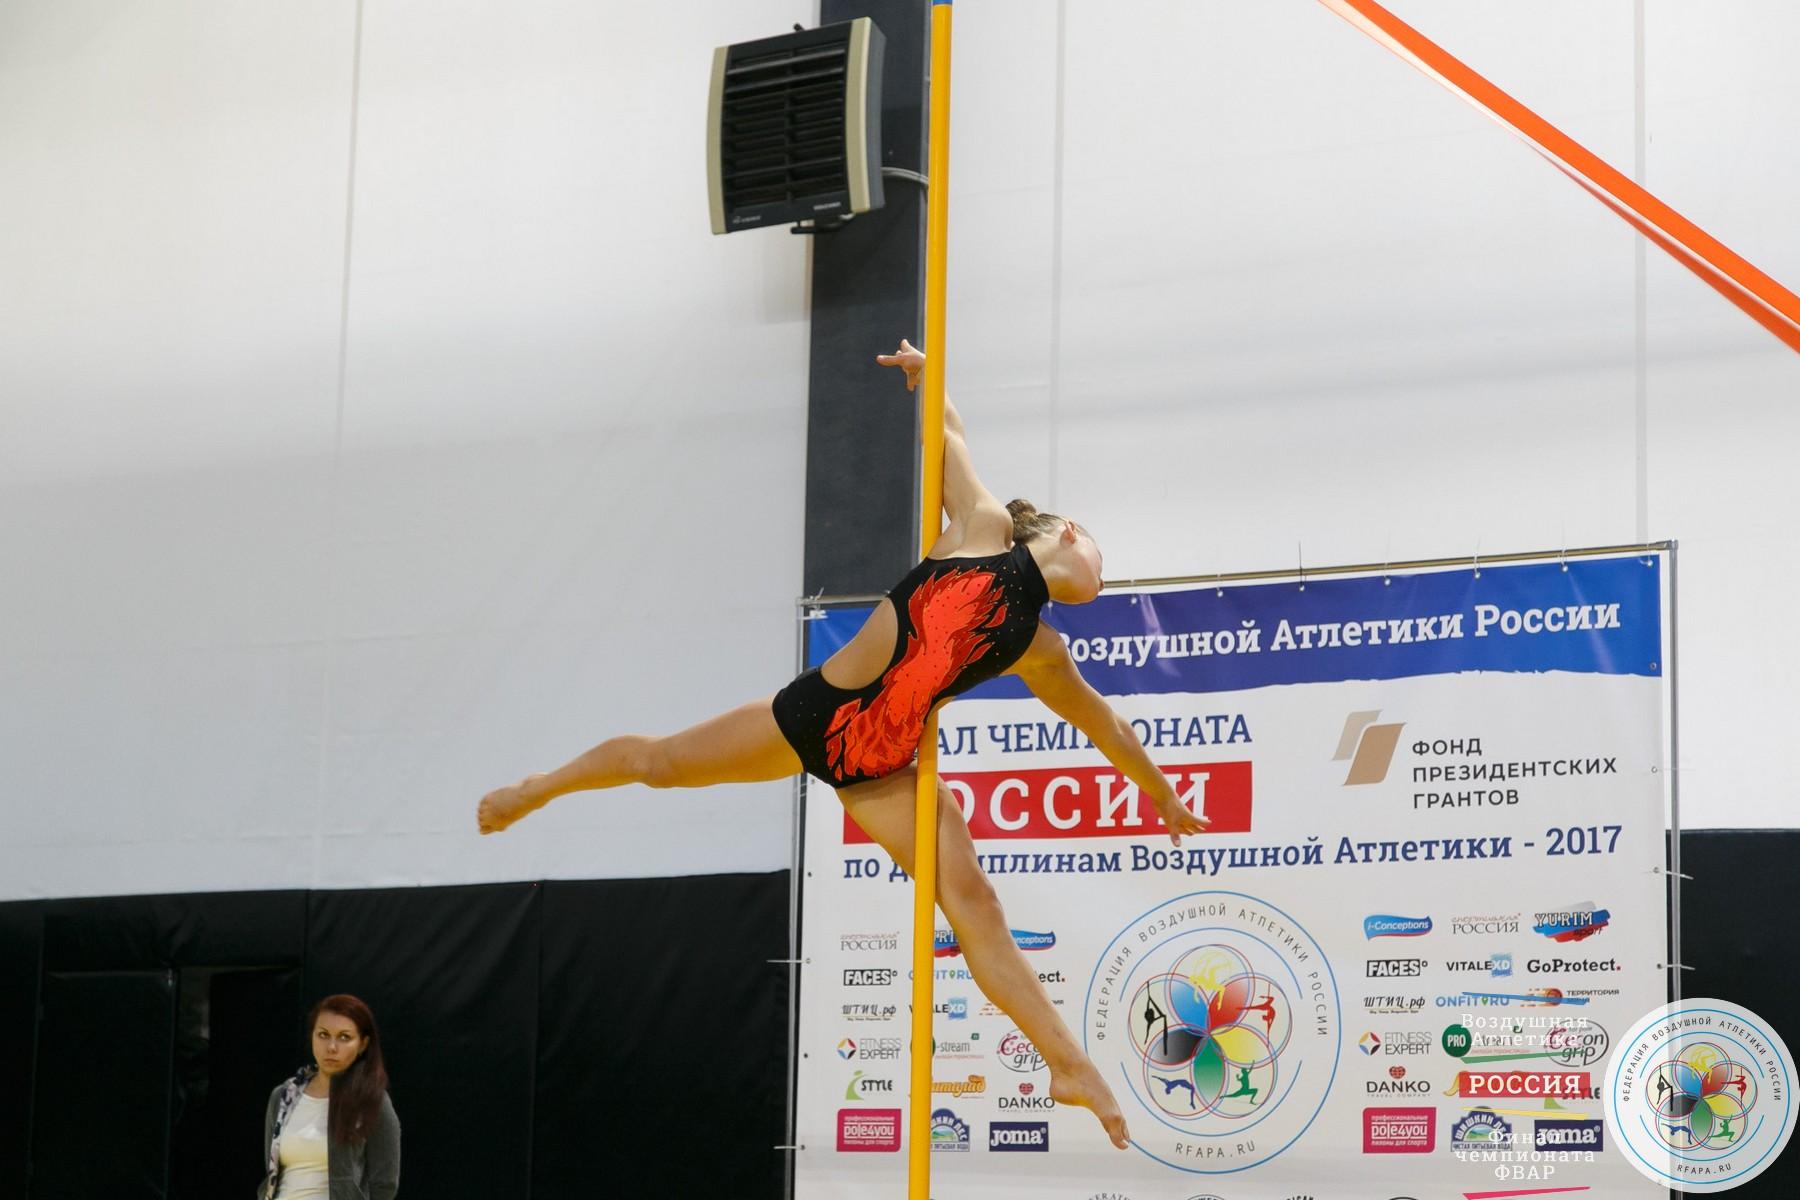 Итоги Финала чемпионата России по Воздушной Атлетике-2017